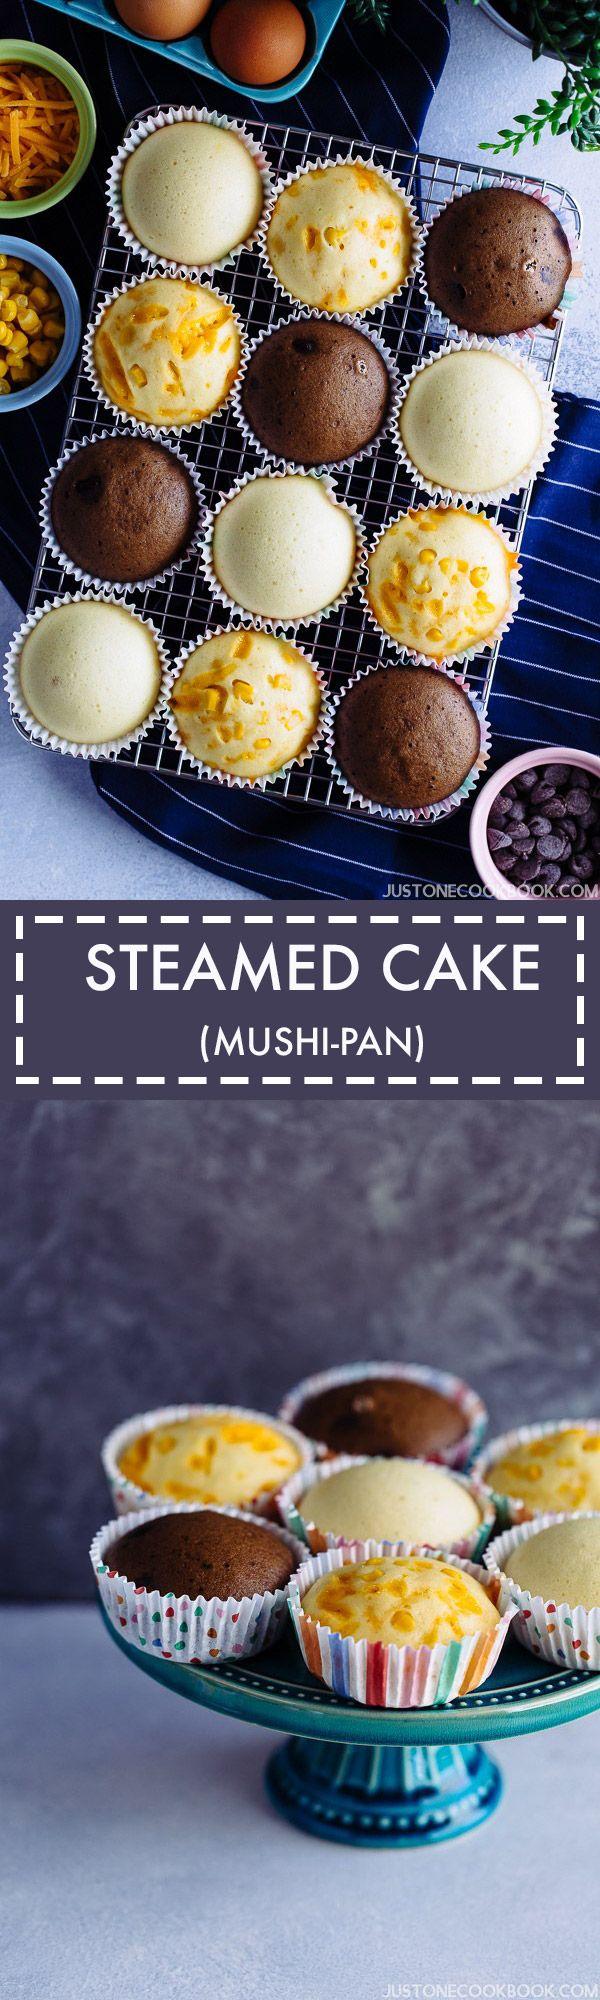 Steamed Cake